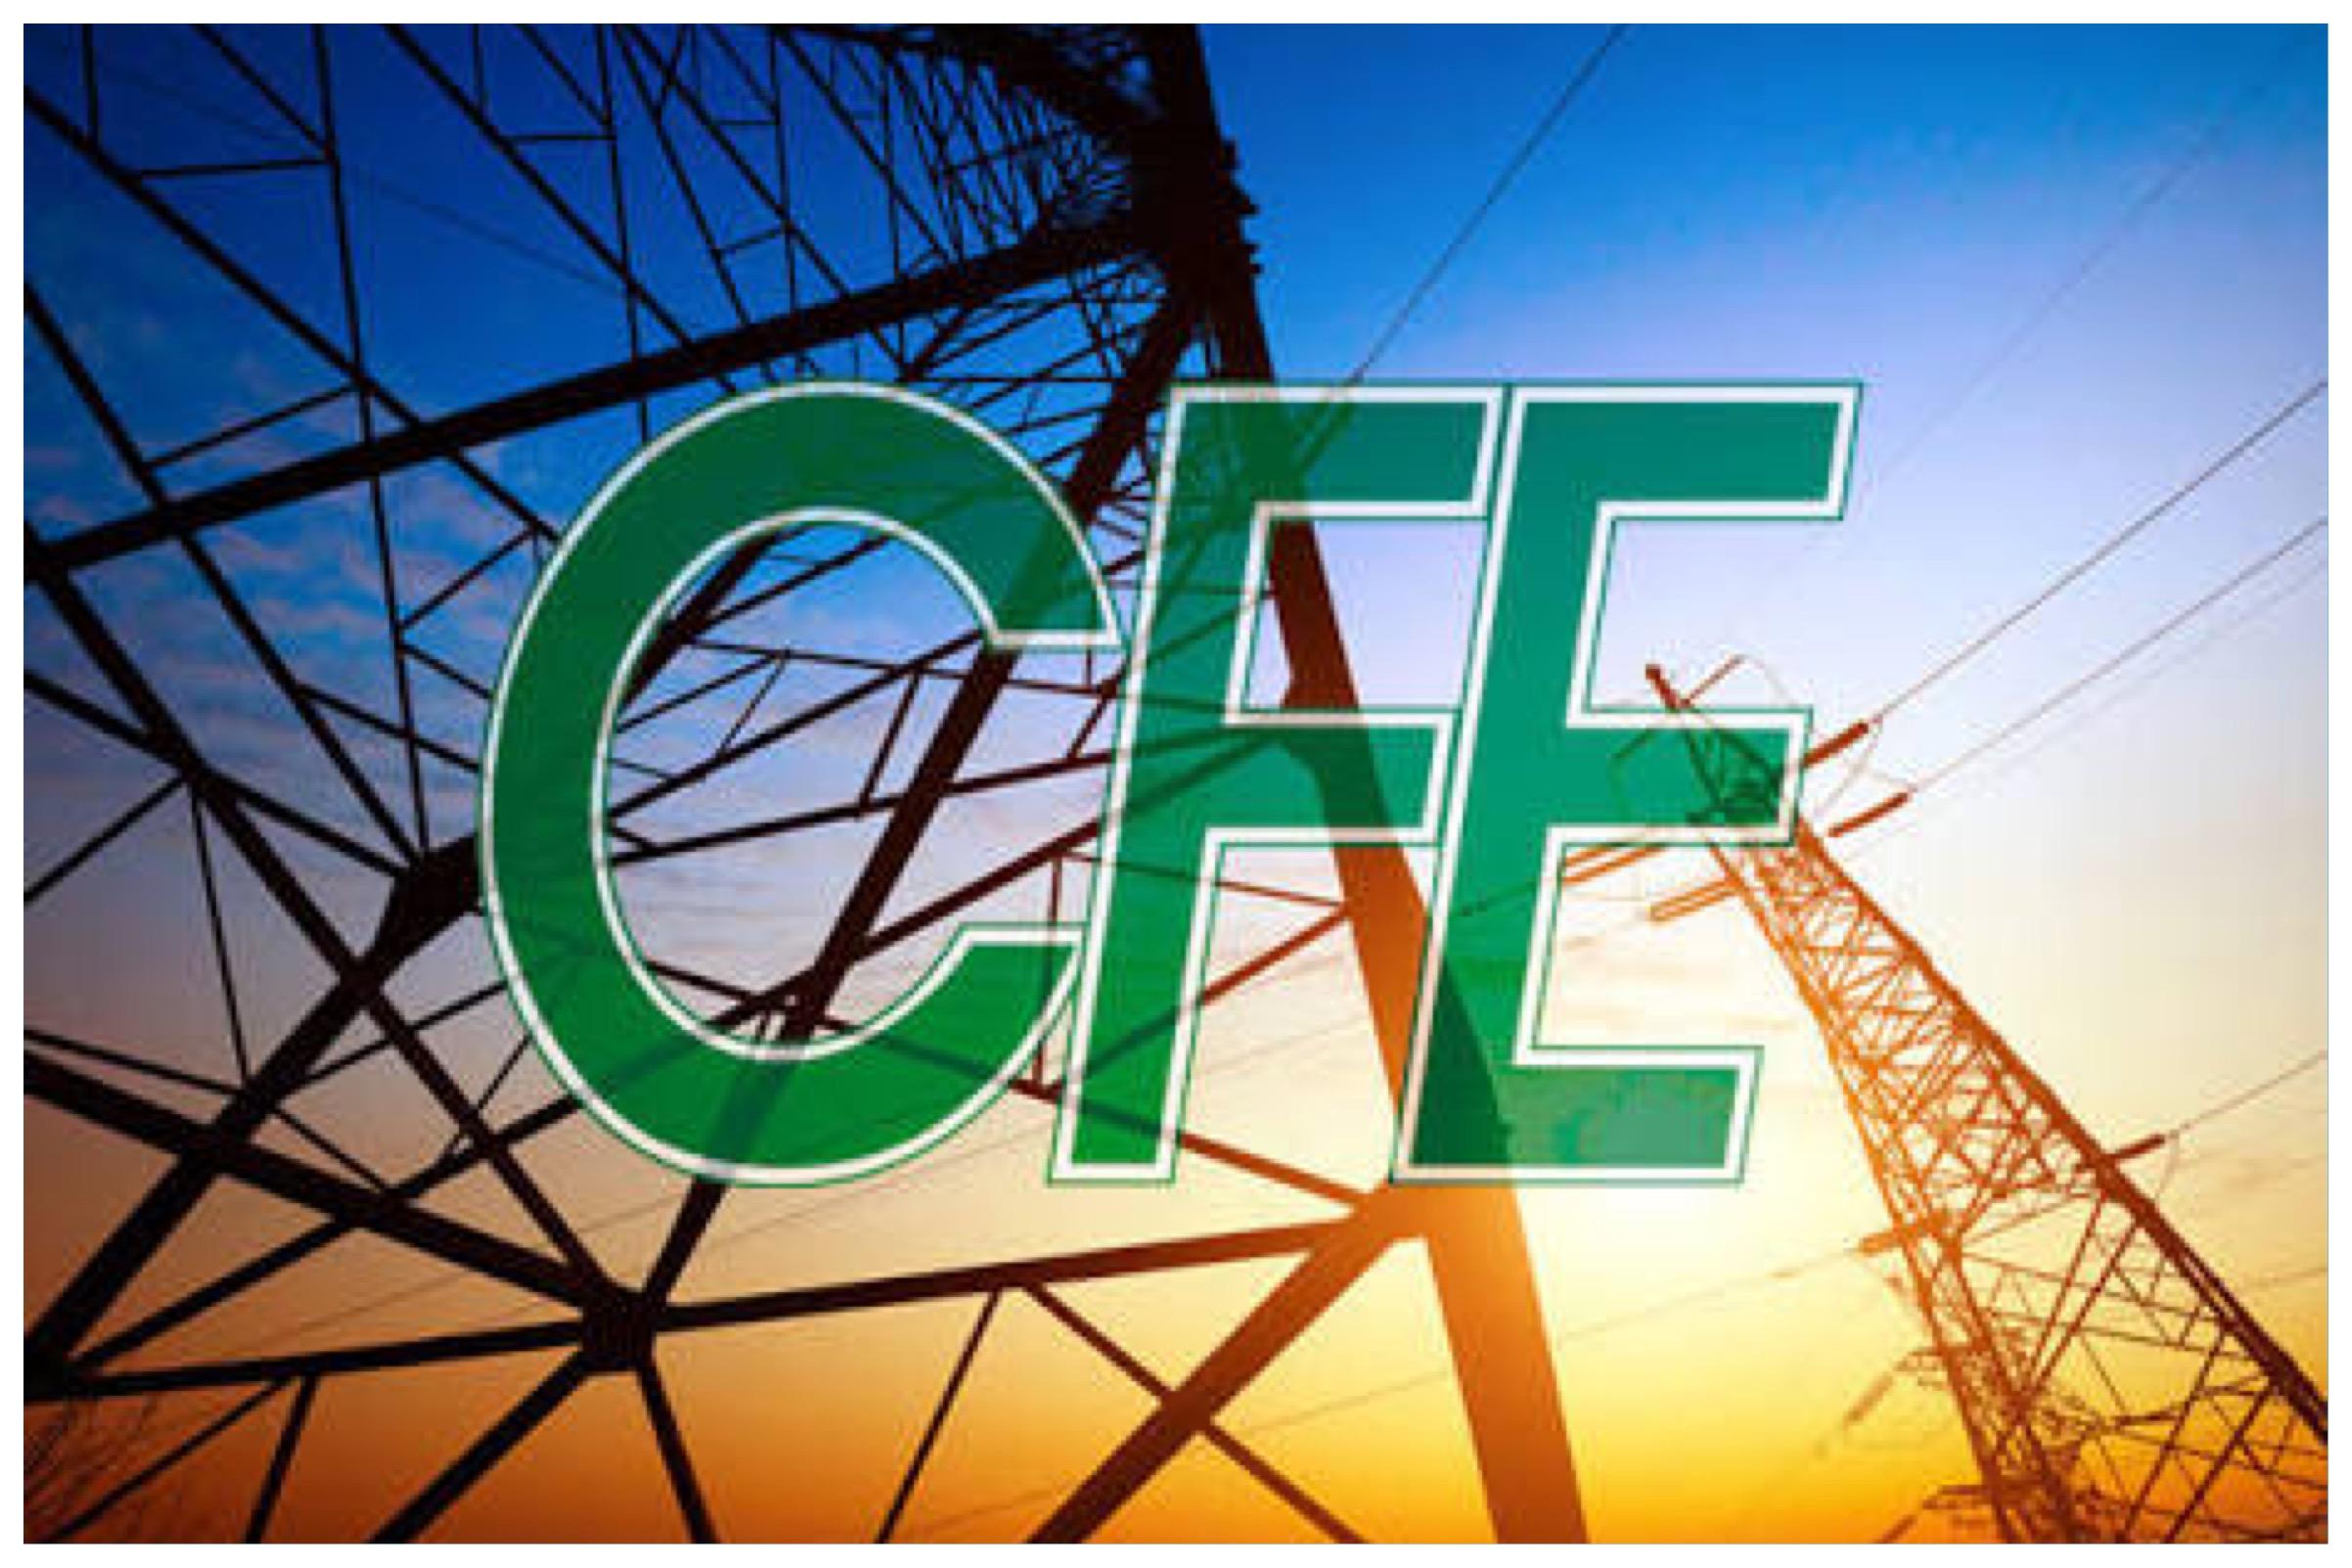 Ingresos de CFE en 2017 fueron de 466,141 mdp